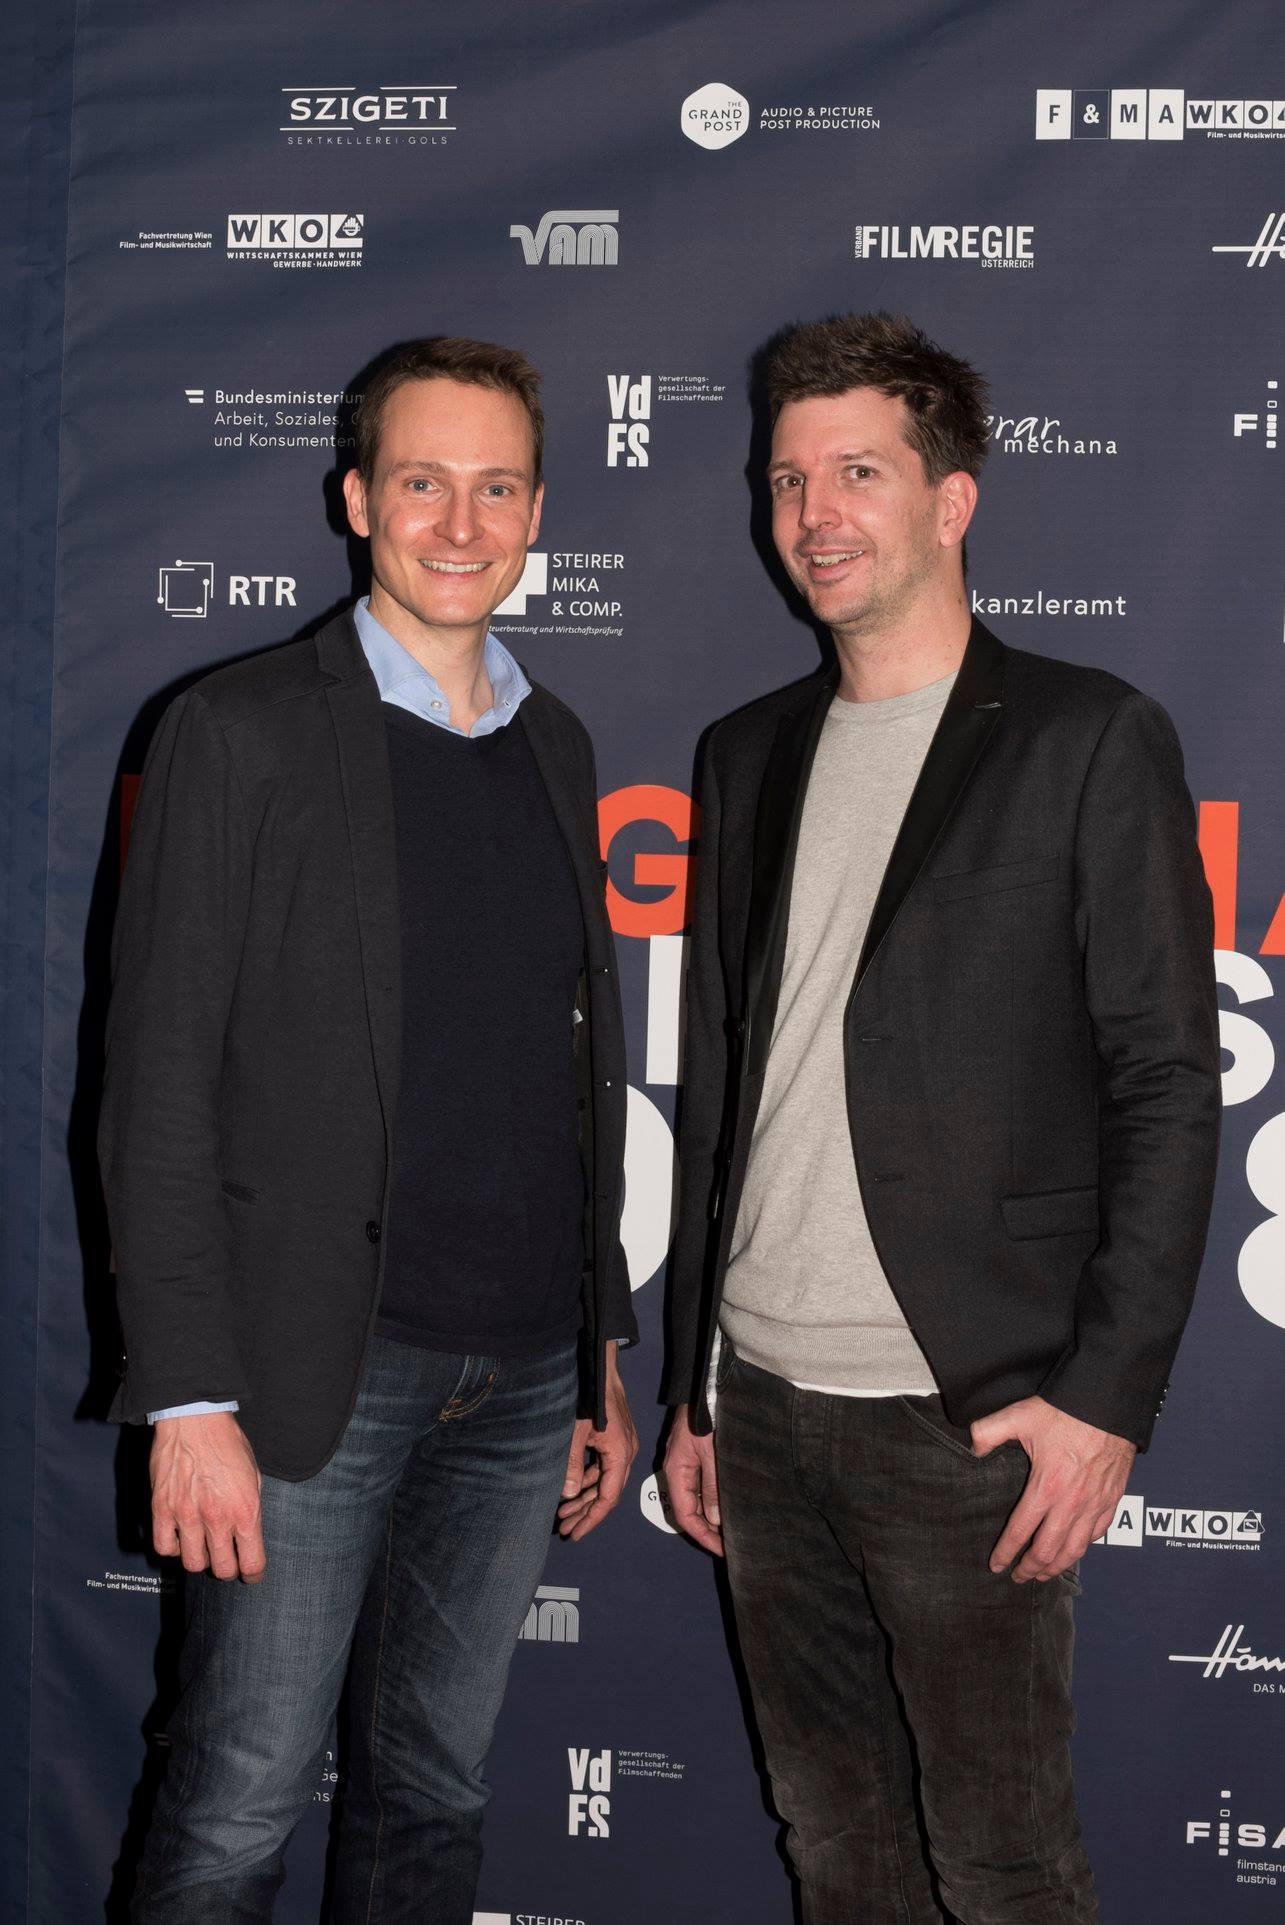 Sponsoren der Sachpreise: Marco Zinz und Alexander Fischbacher (The Grand Post)